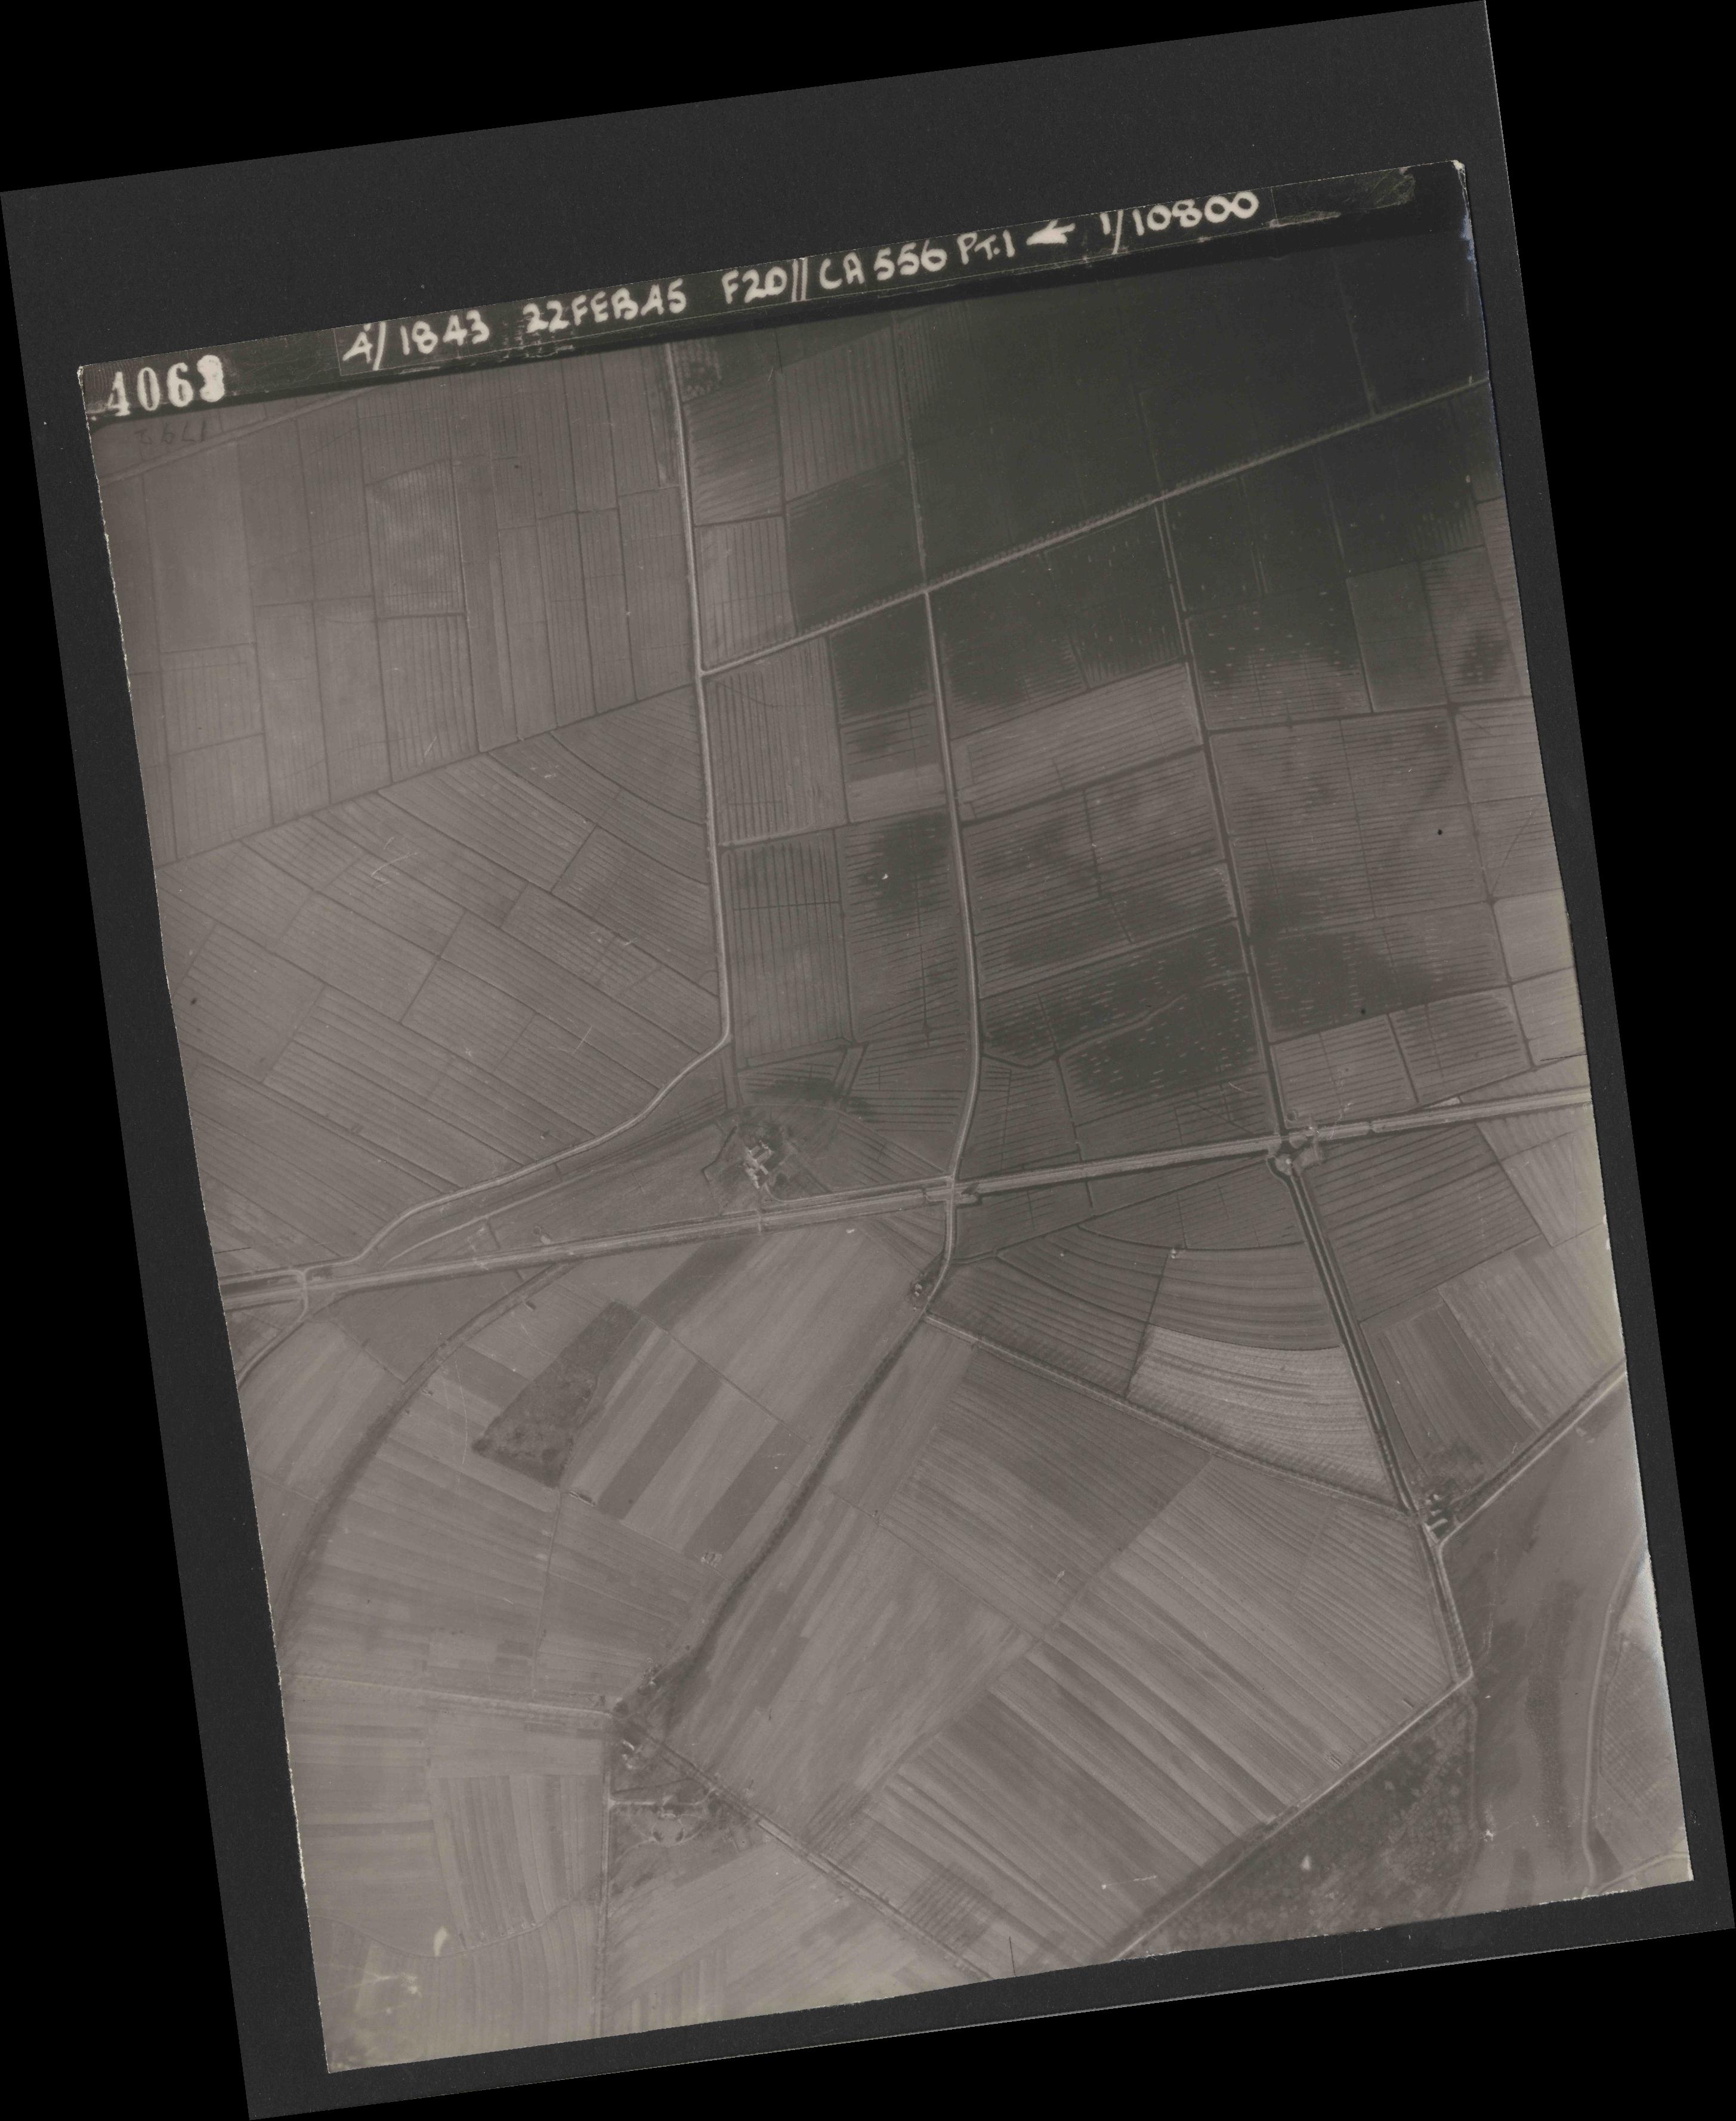 Collection RAF aerial photos 1940-1945 - flight 331, run 04, photo 4063